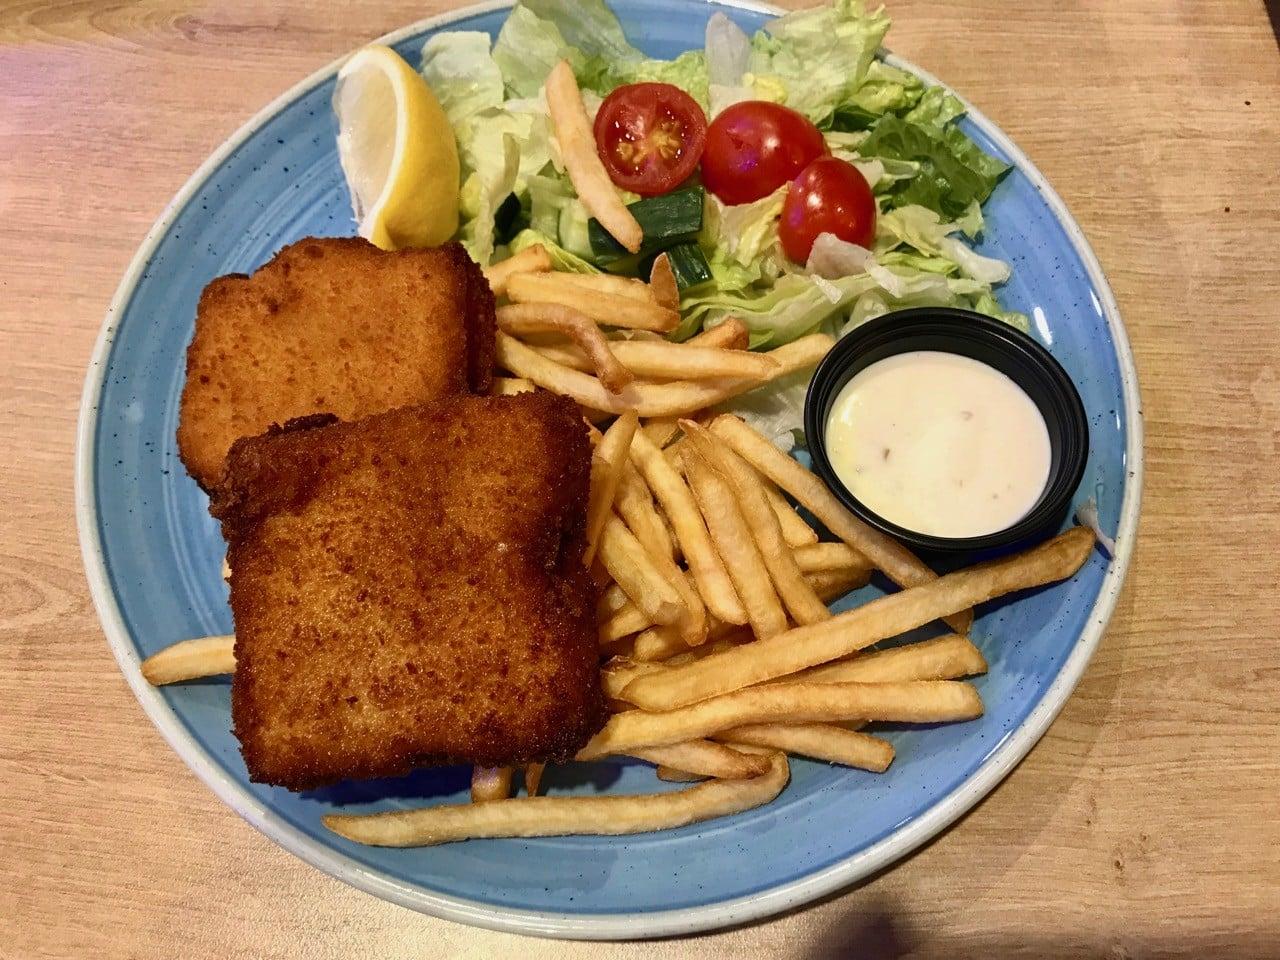 izlanda yeme içme fiyatları